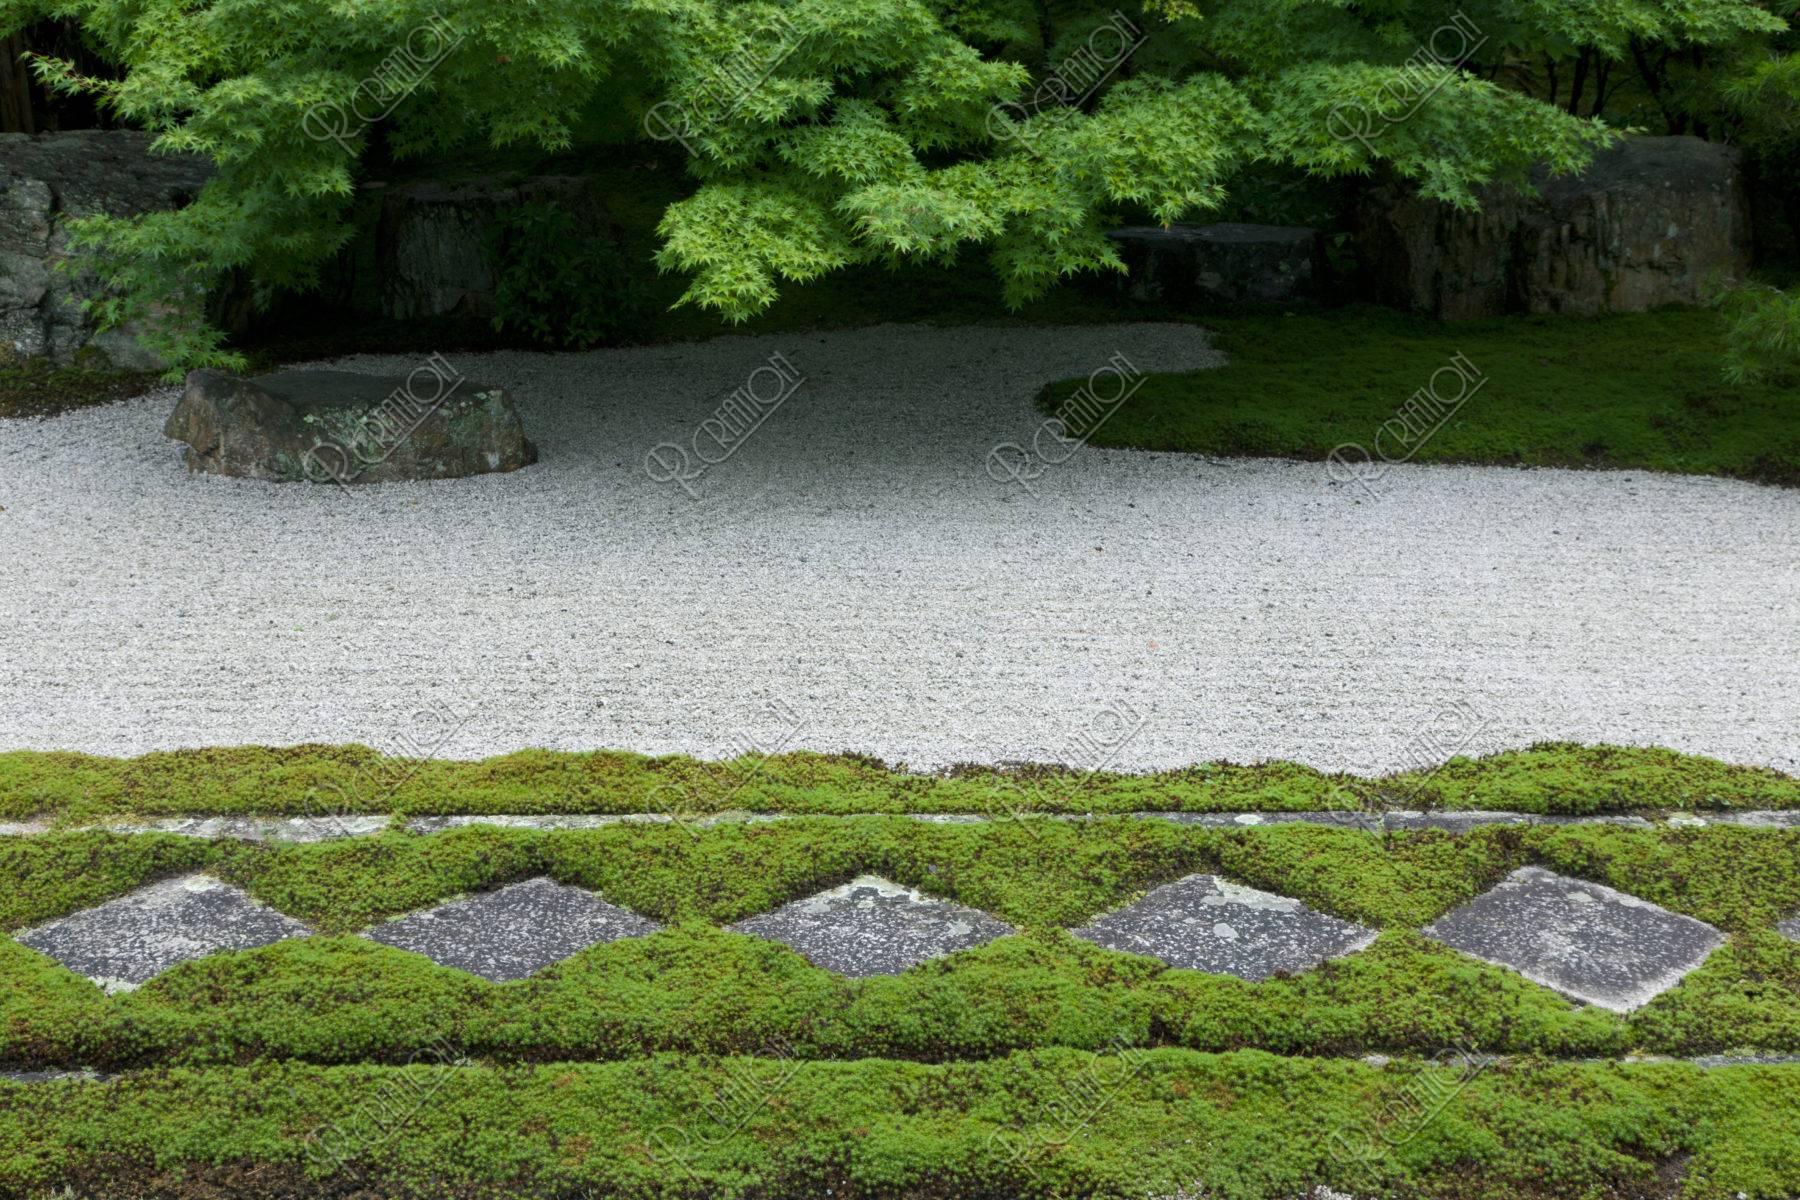 南禅寺 天授庵 庭園